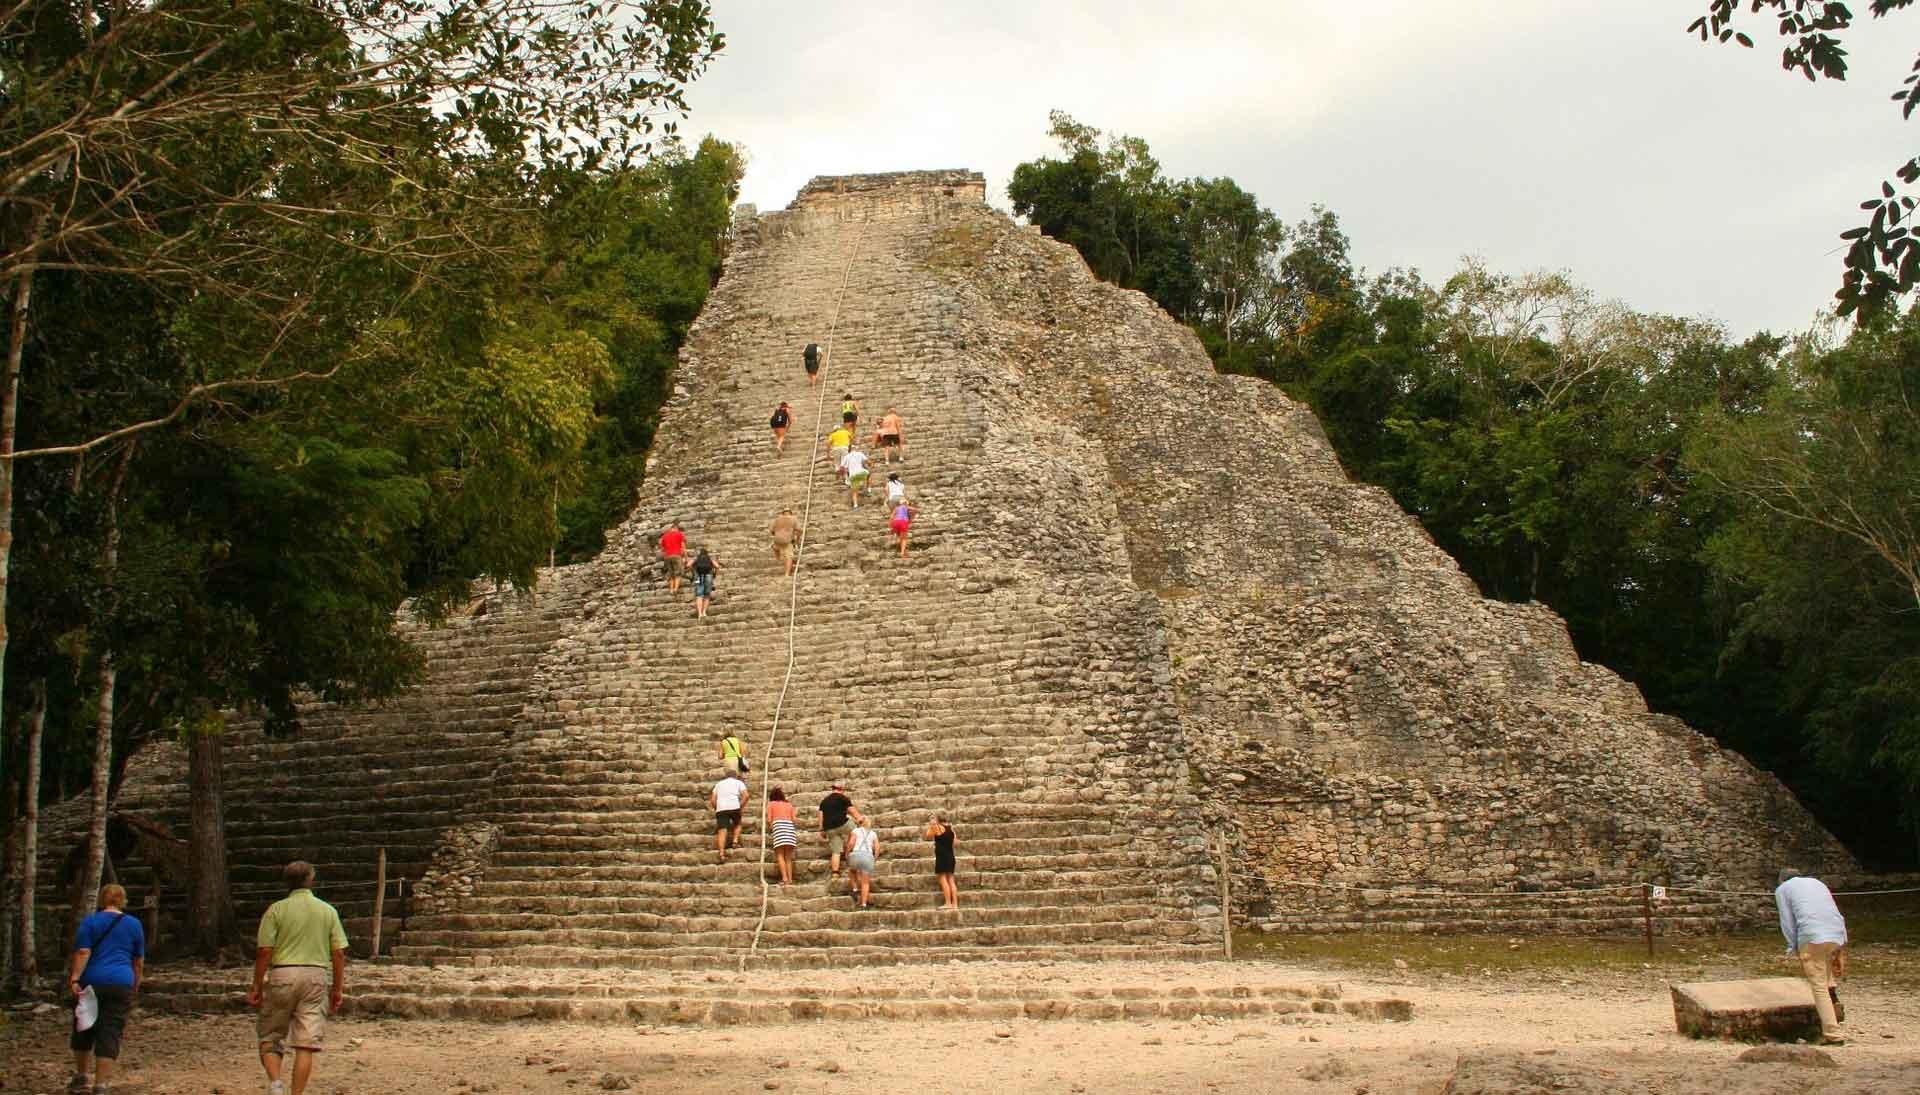 excursion-cenotes-coba-riviera-maya-sl-1-o